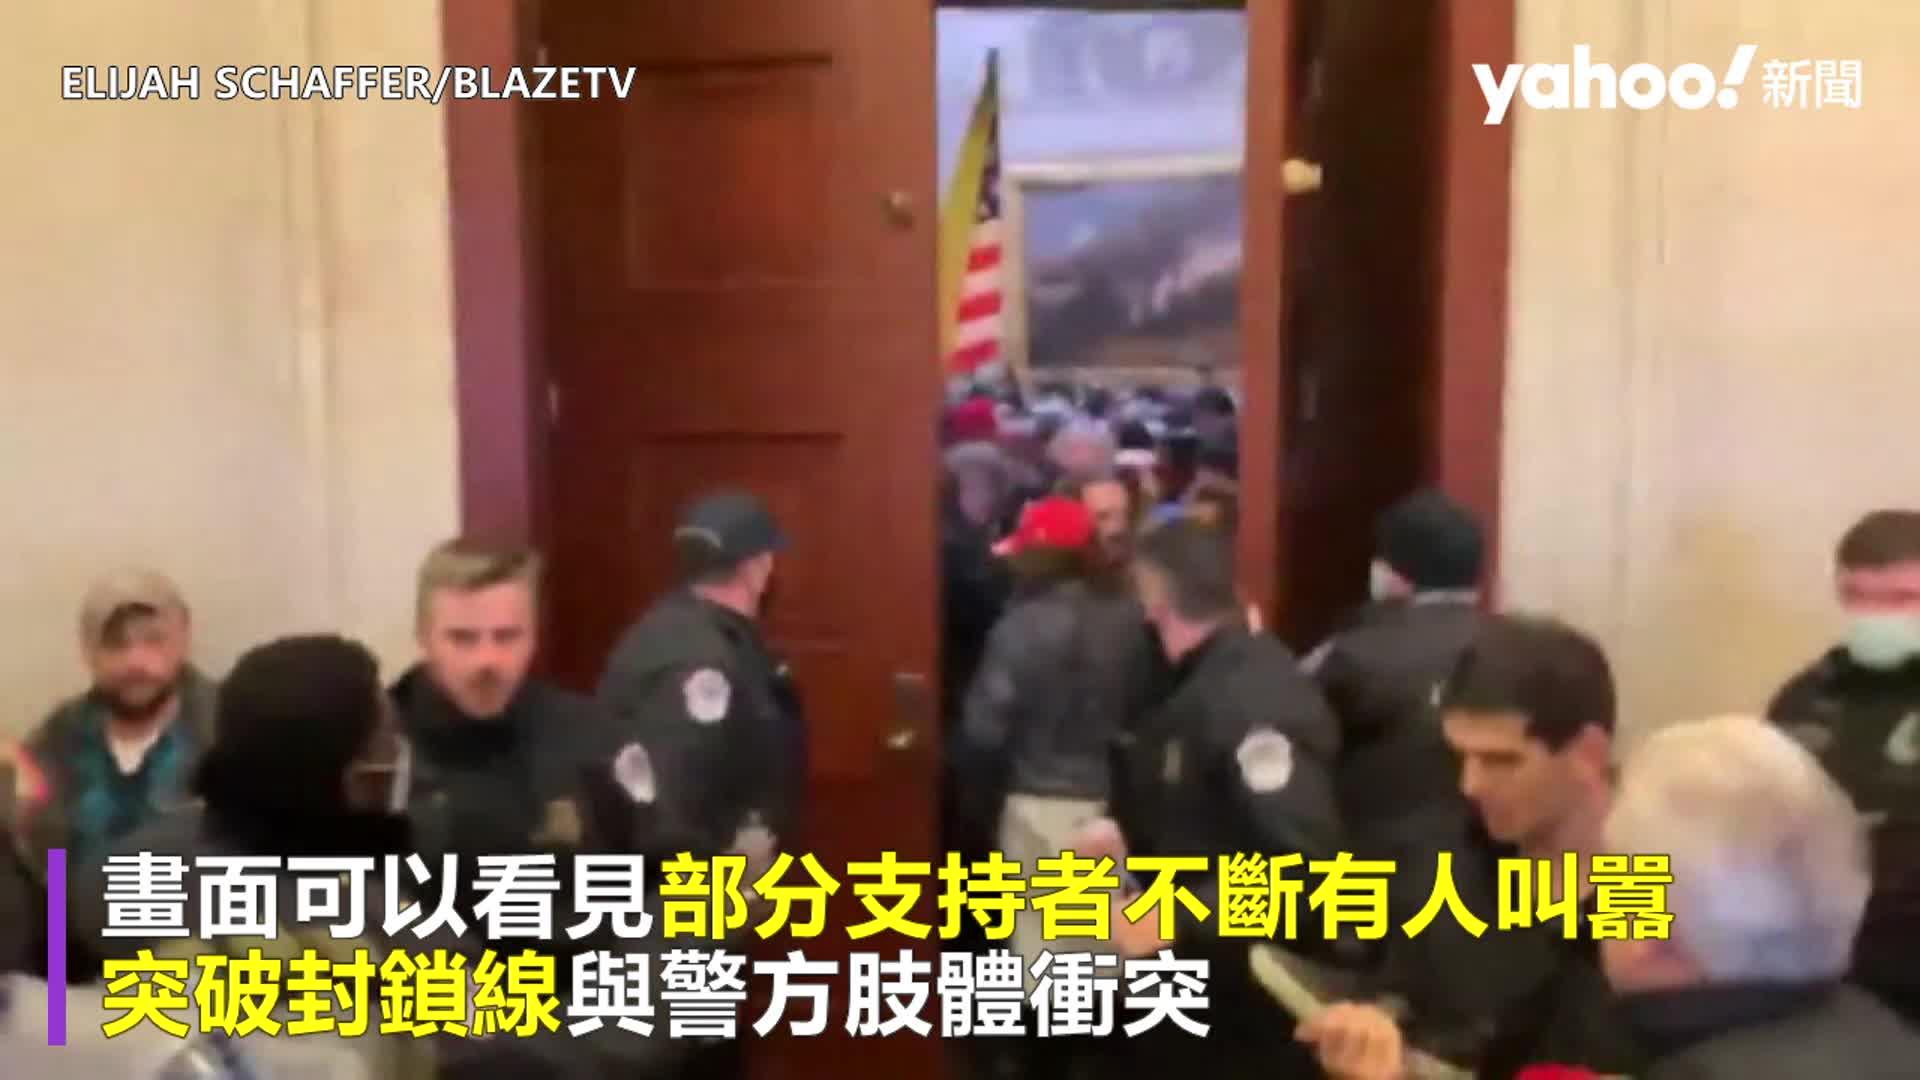 川粉攻破國會大樓 民眾破門而入爆衝突 已知4死逮52人